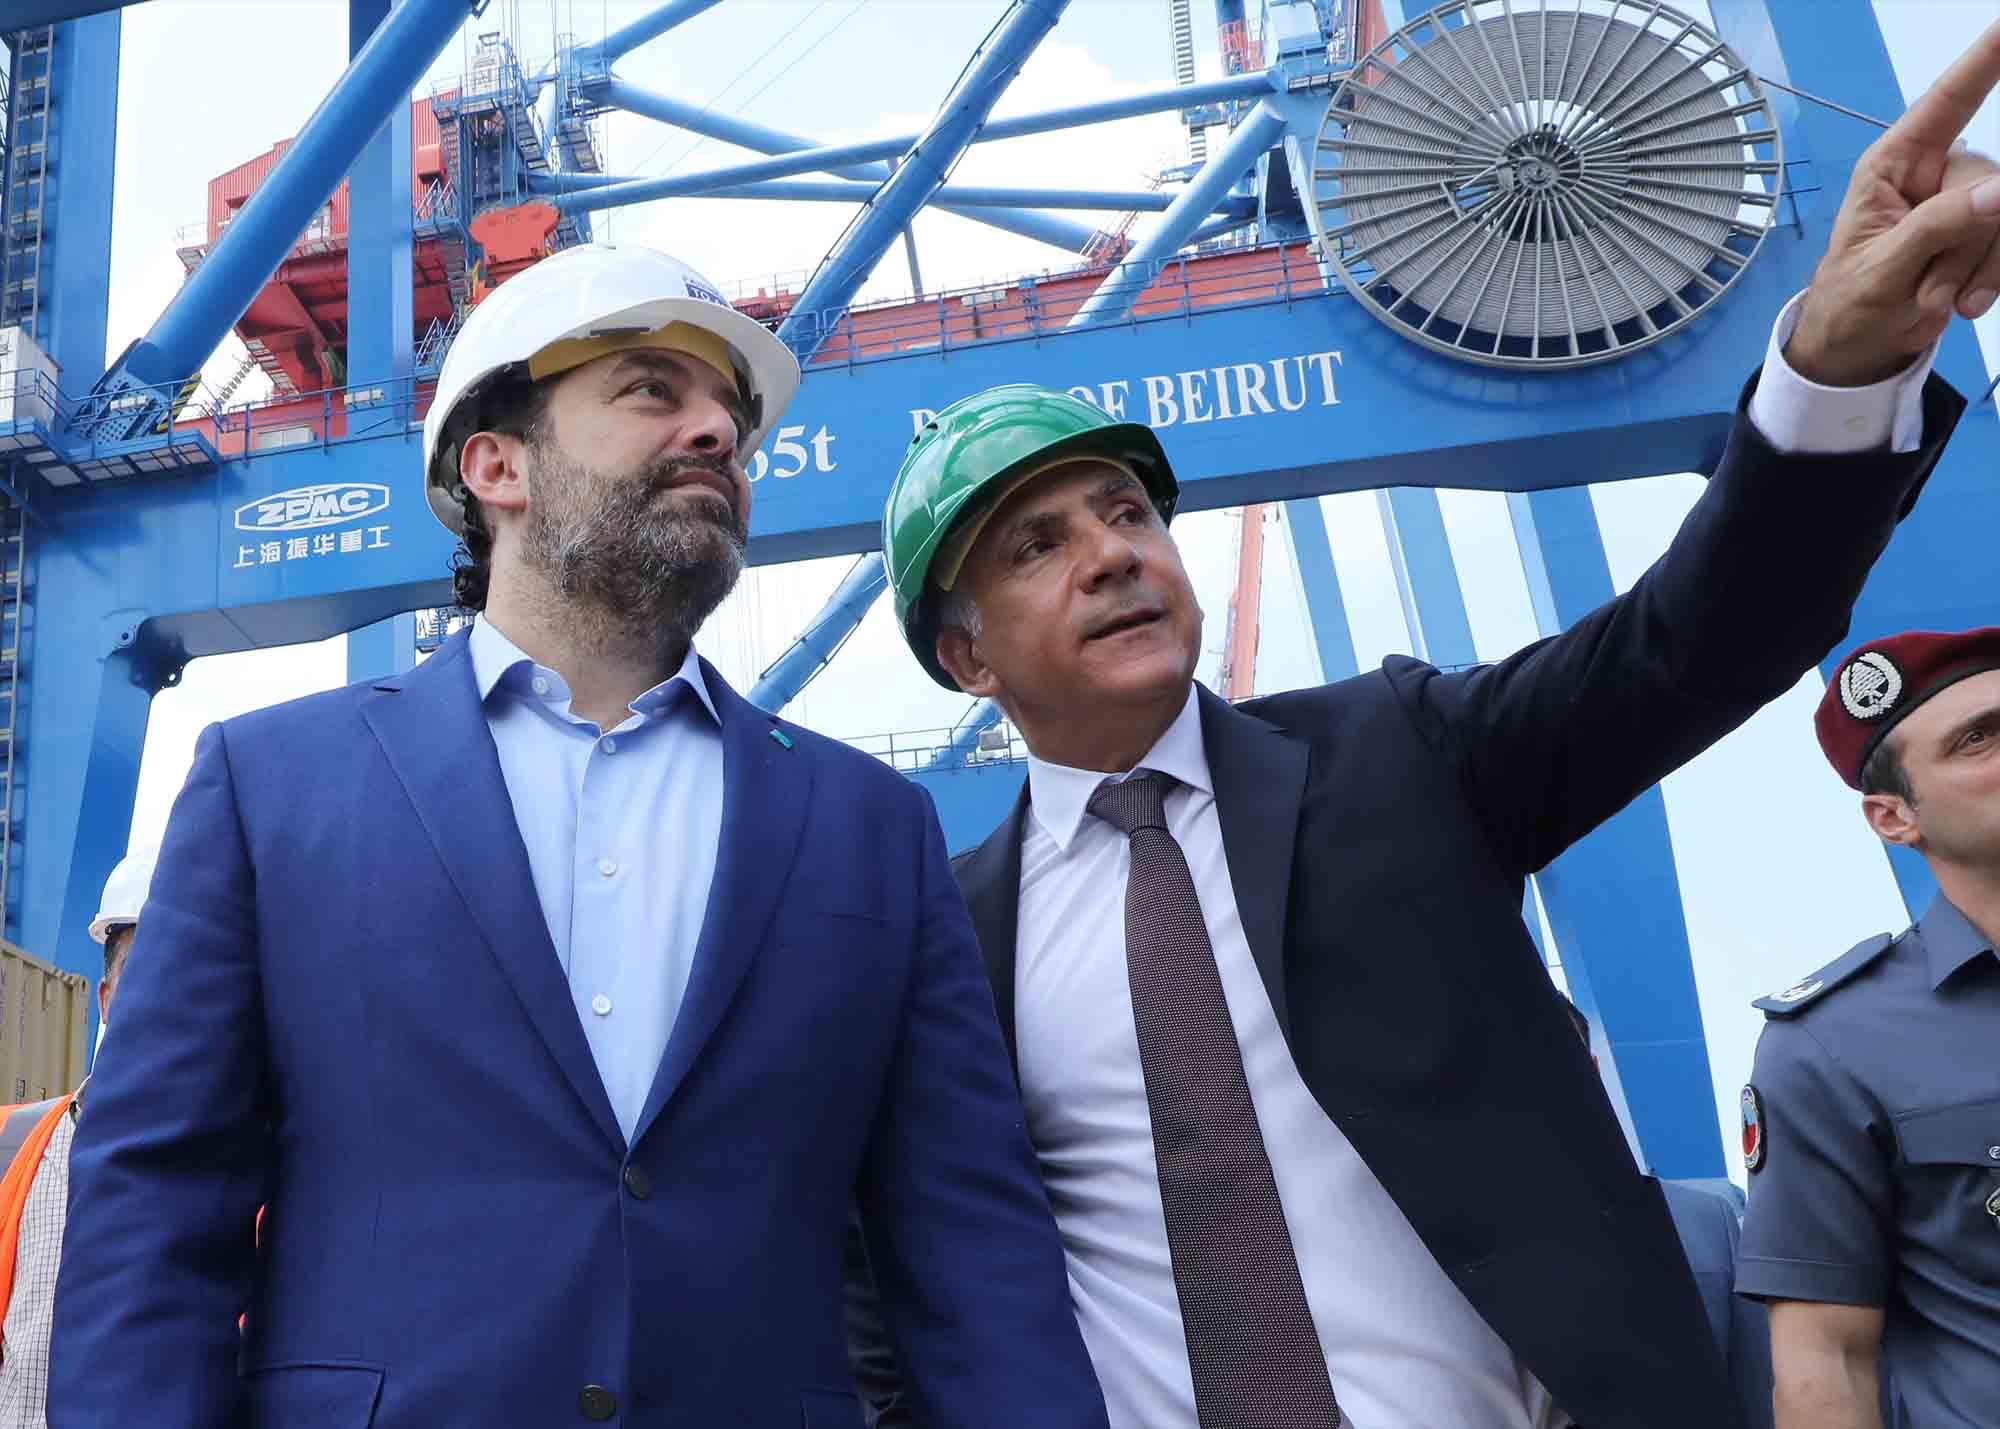 L'ancien premier ministre Saad Hariri en compagnie de l'ancien directeur du port de Beyrouth Hassan Koraytem, le 6 septembre 2020. Crédit photo: Dalati & Nohra